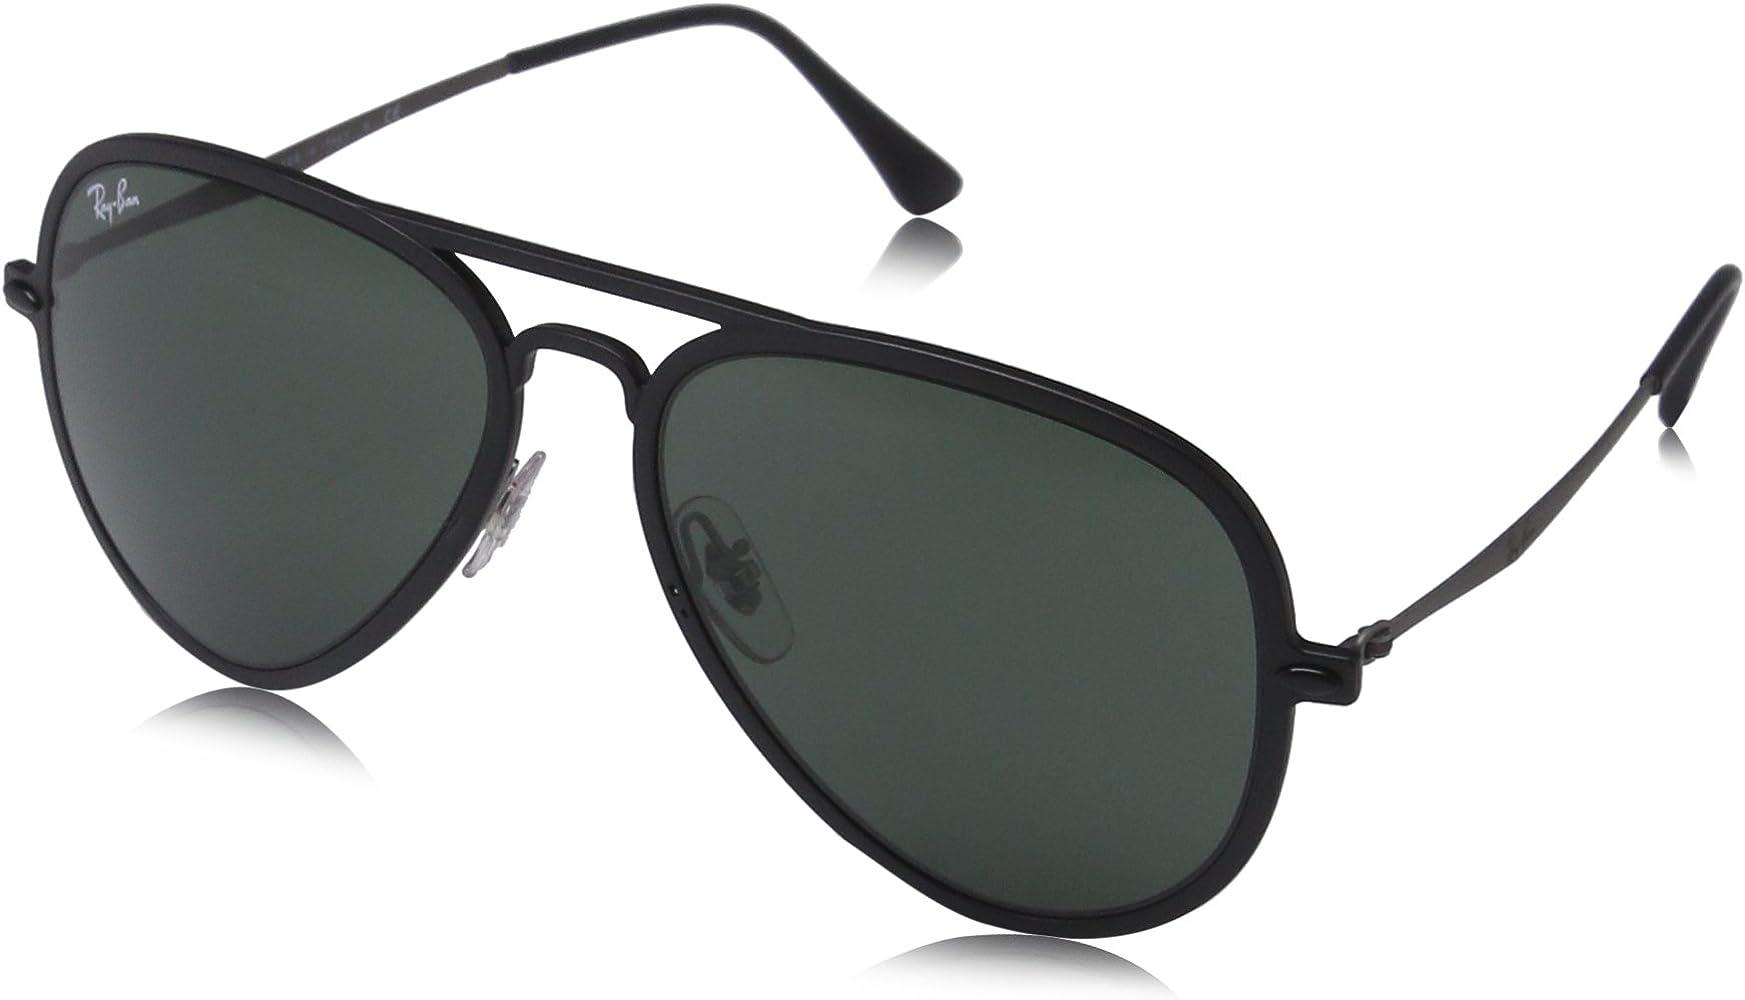 Ray-Ban Gafas de sol Aviator MATTE BLACK, 56: Amazon.es ...